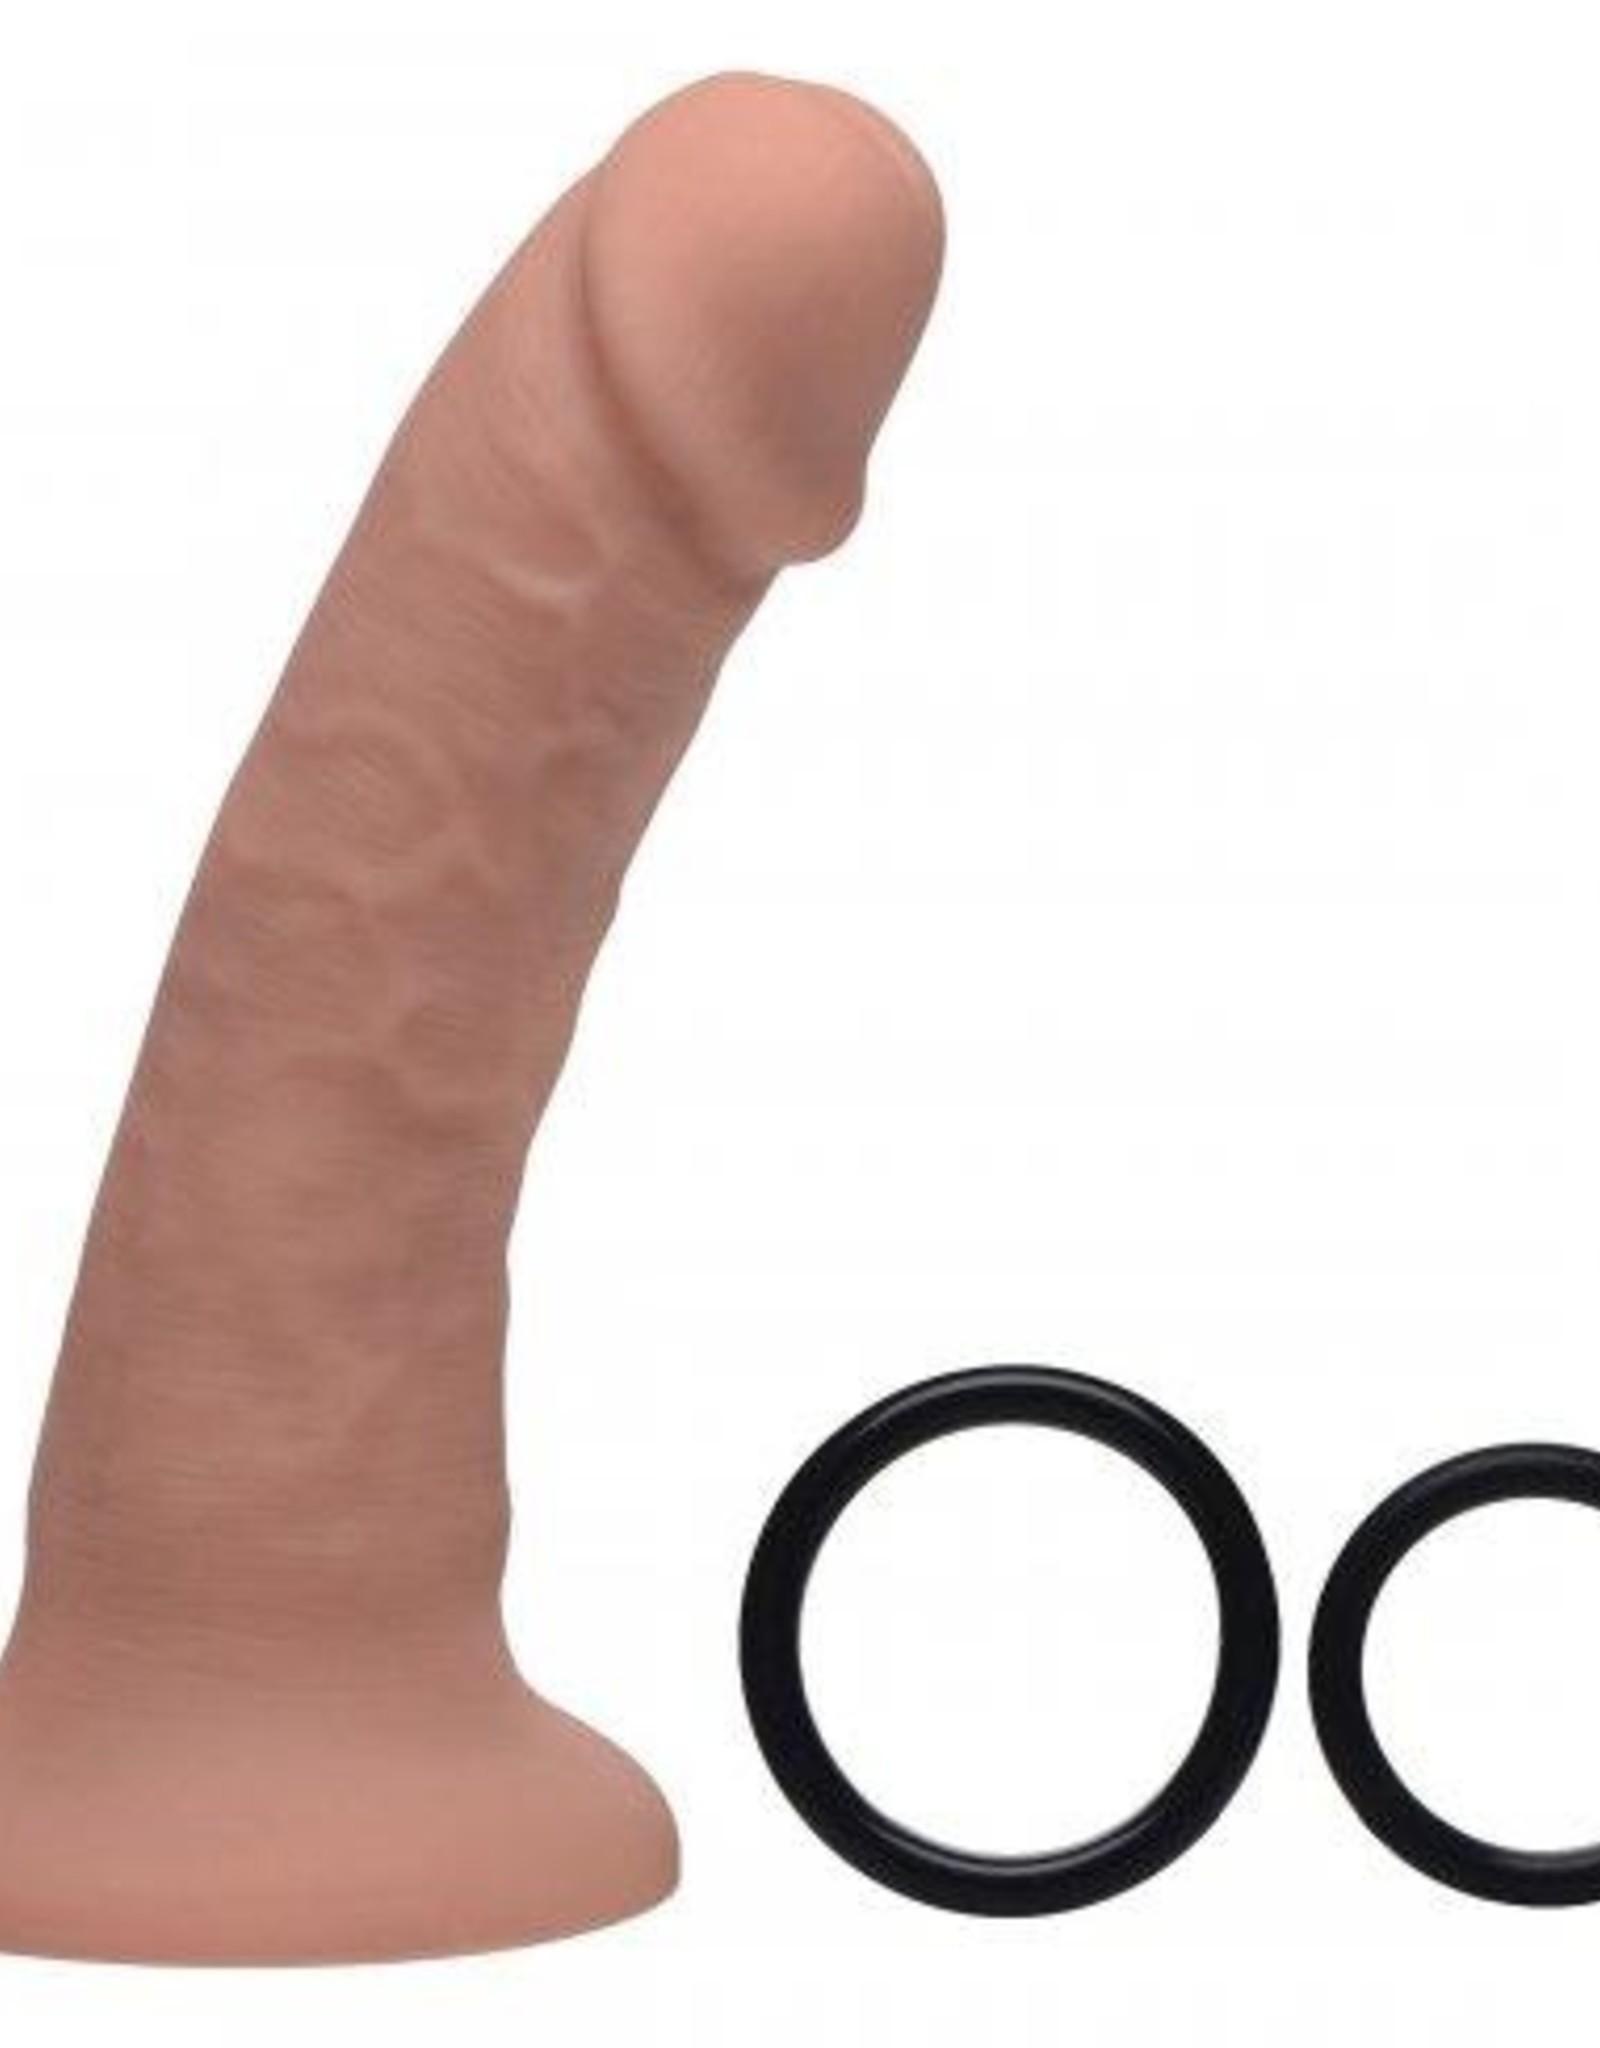 Strap U Brazen Siliconen Dildo Met Harnas - 20 cm